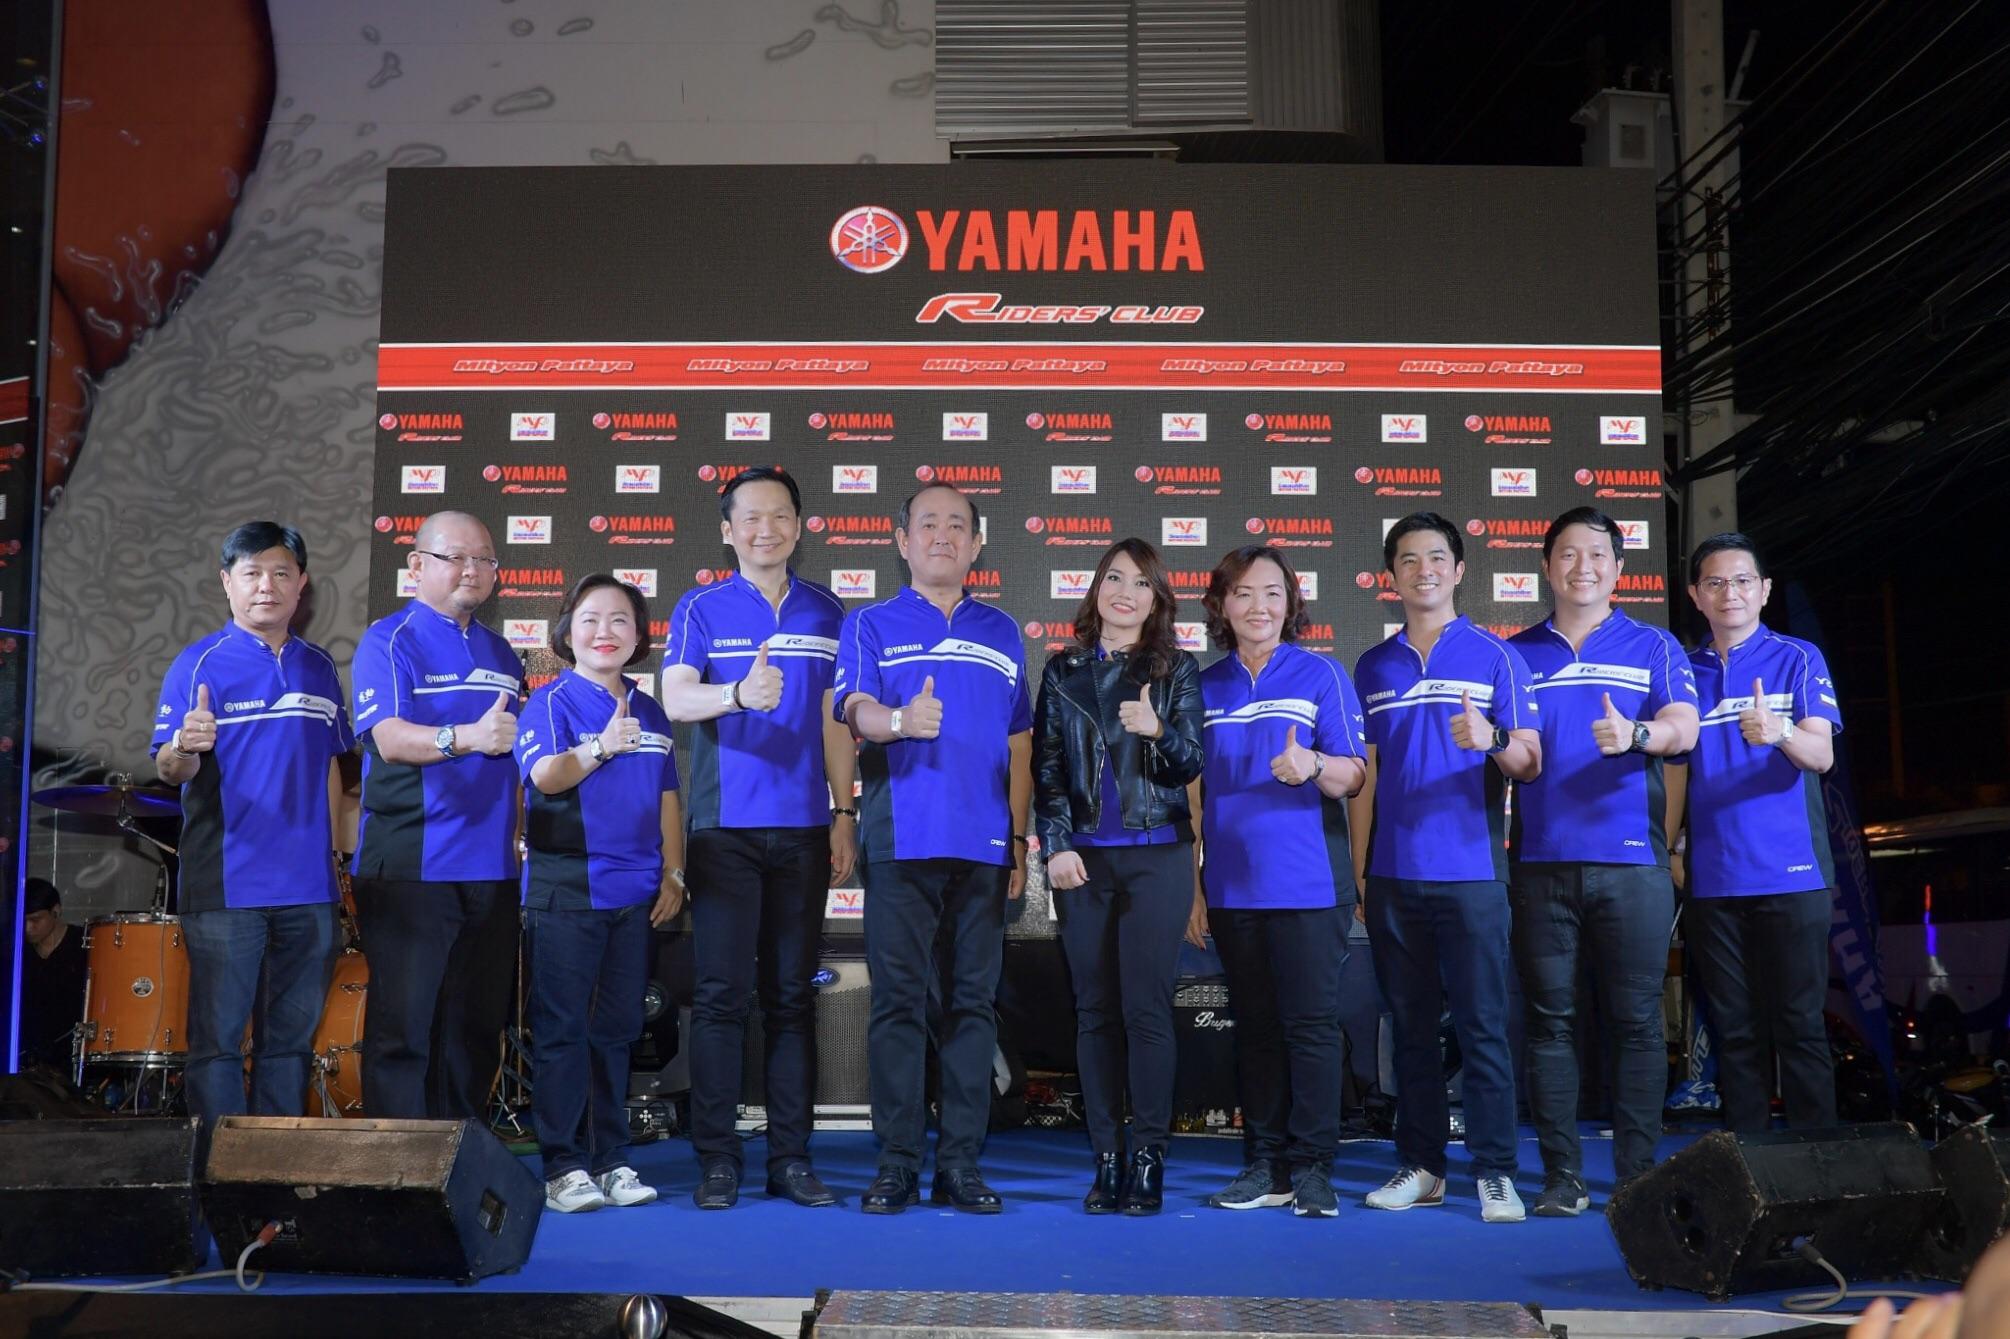 """ยามาฮ่า ผุด """"Yamaha Riders' club Pattaya"""" กวาดลูกค้าบิ๊กไบก์โซนตะวันออก"""